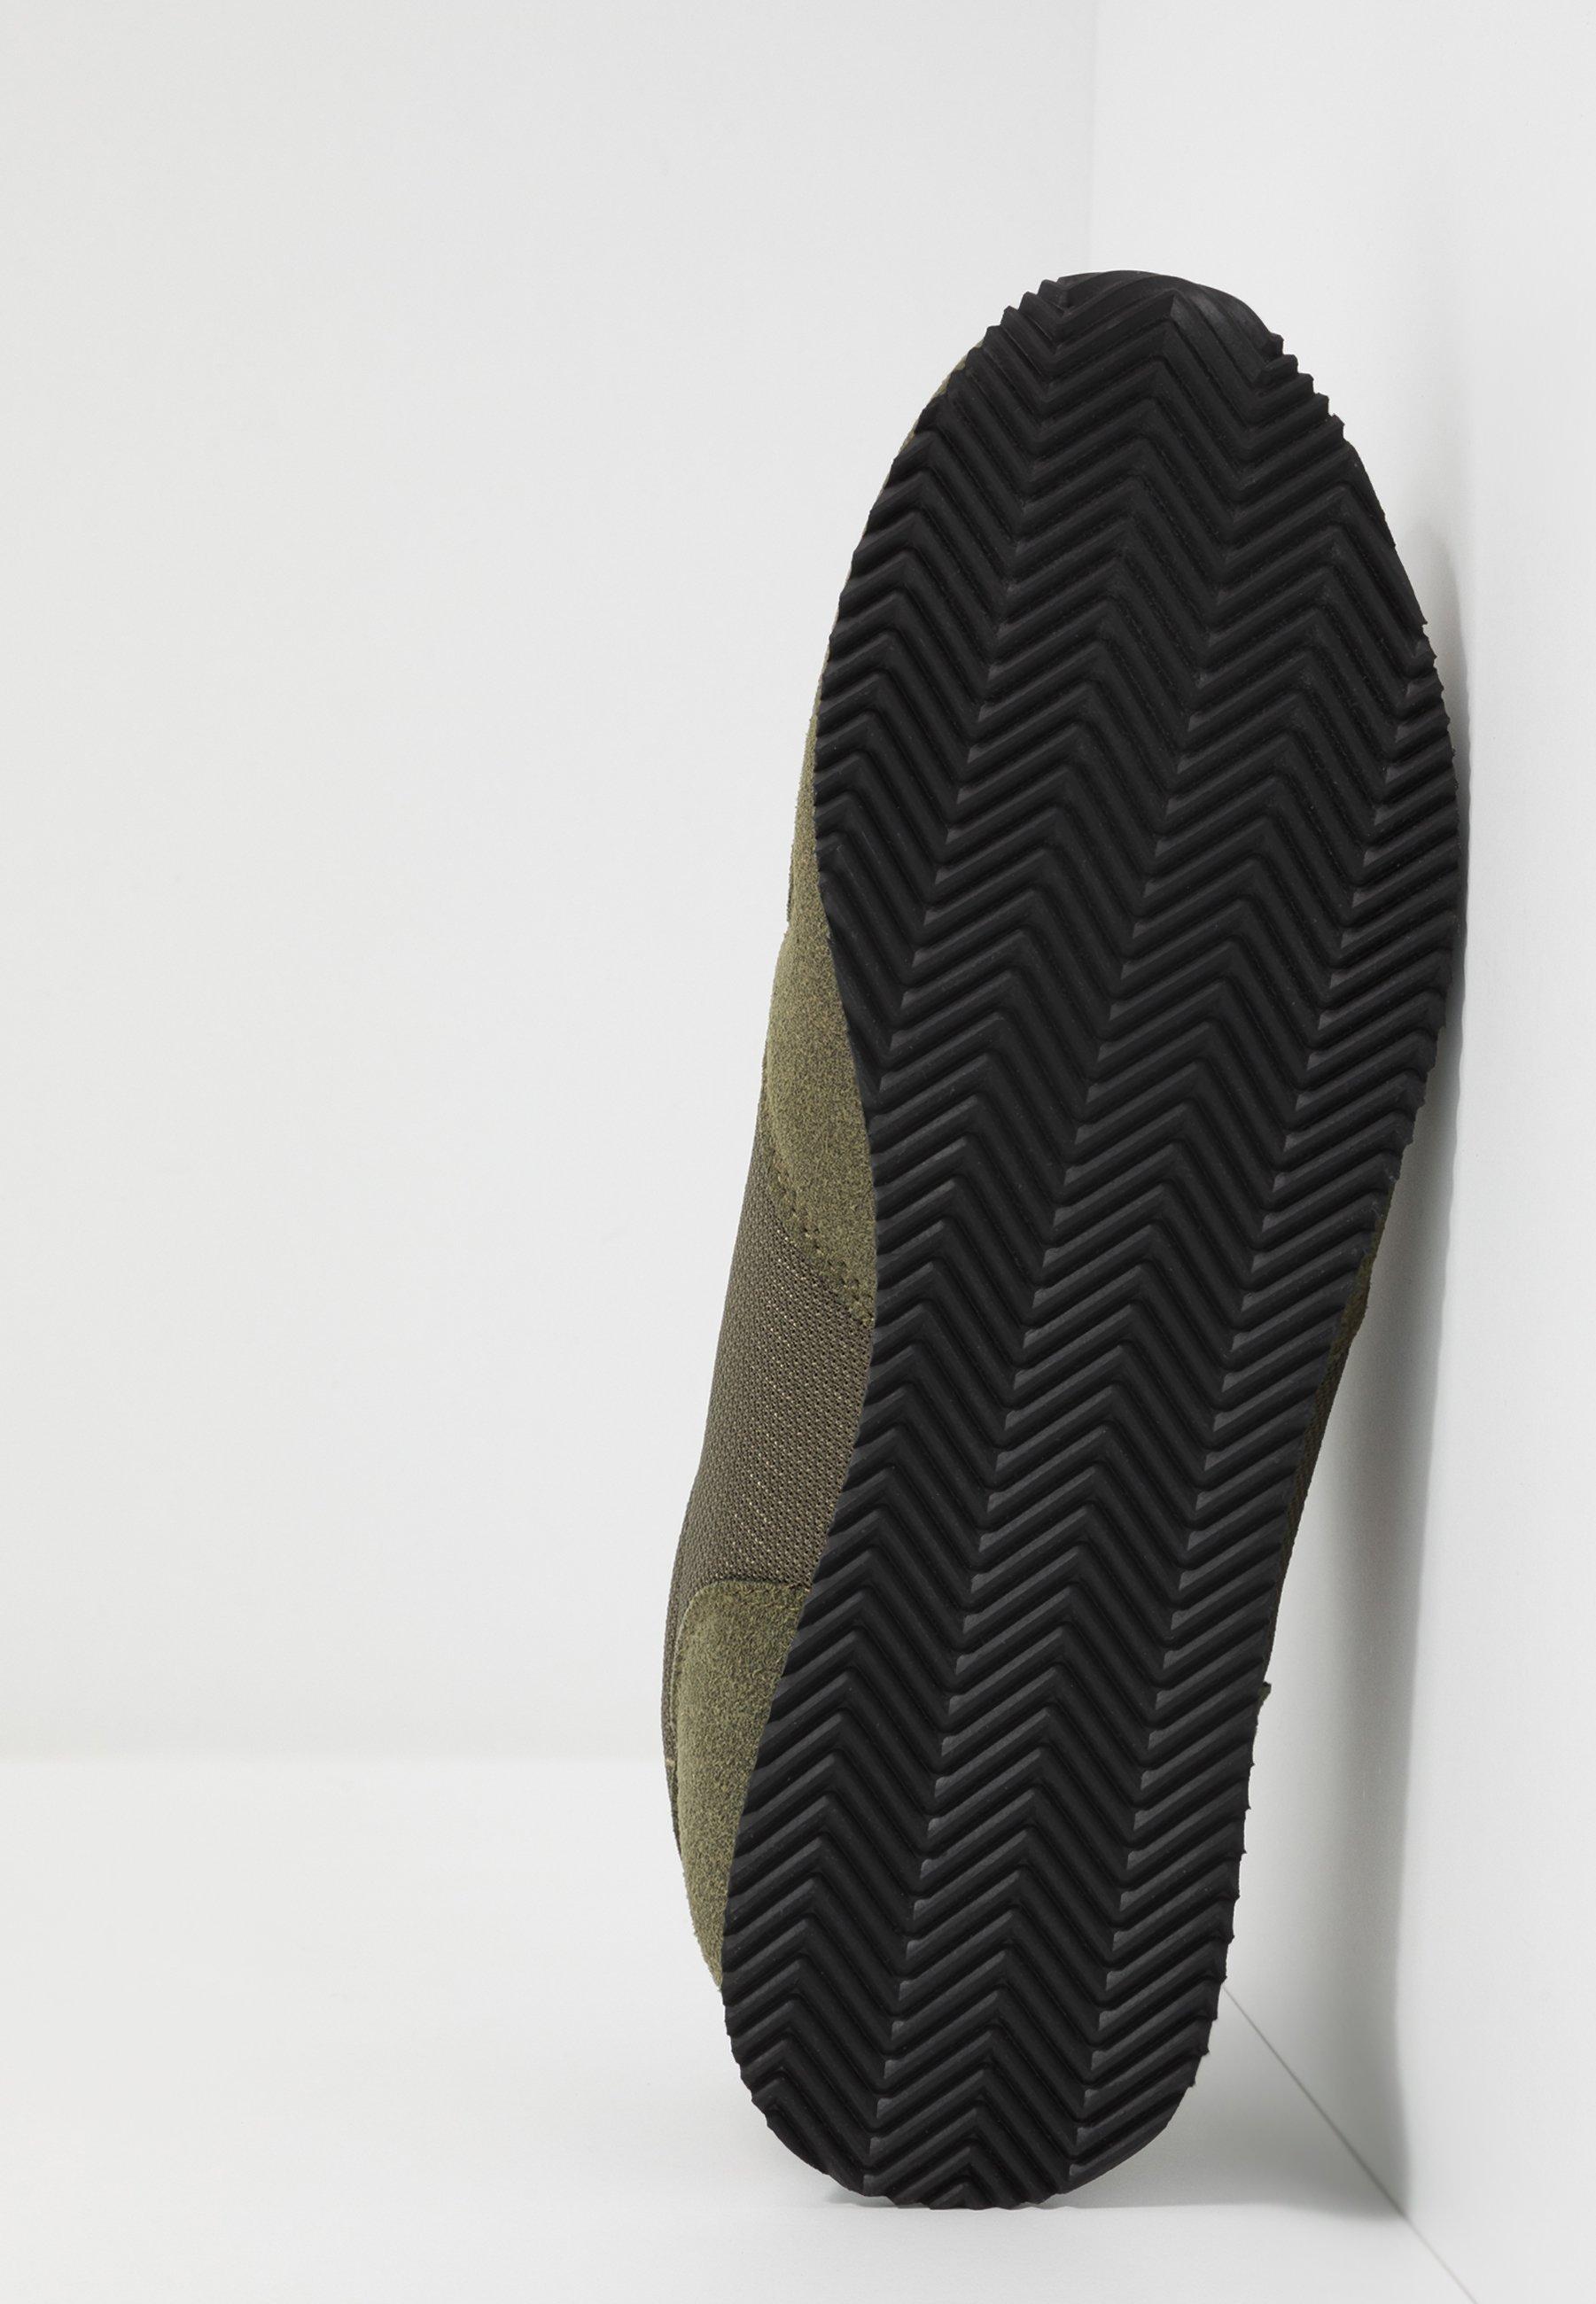 Popolare ed economico Scarpe da uomo le coq sportif MATRIX Sneakers basse olive night